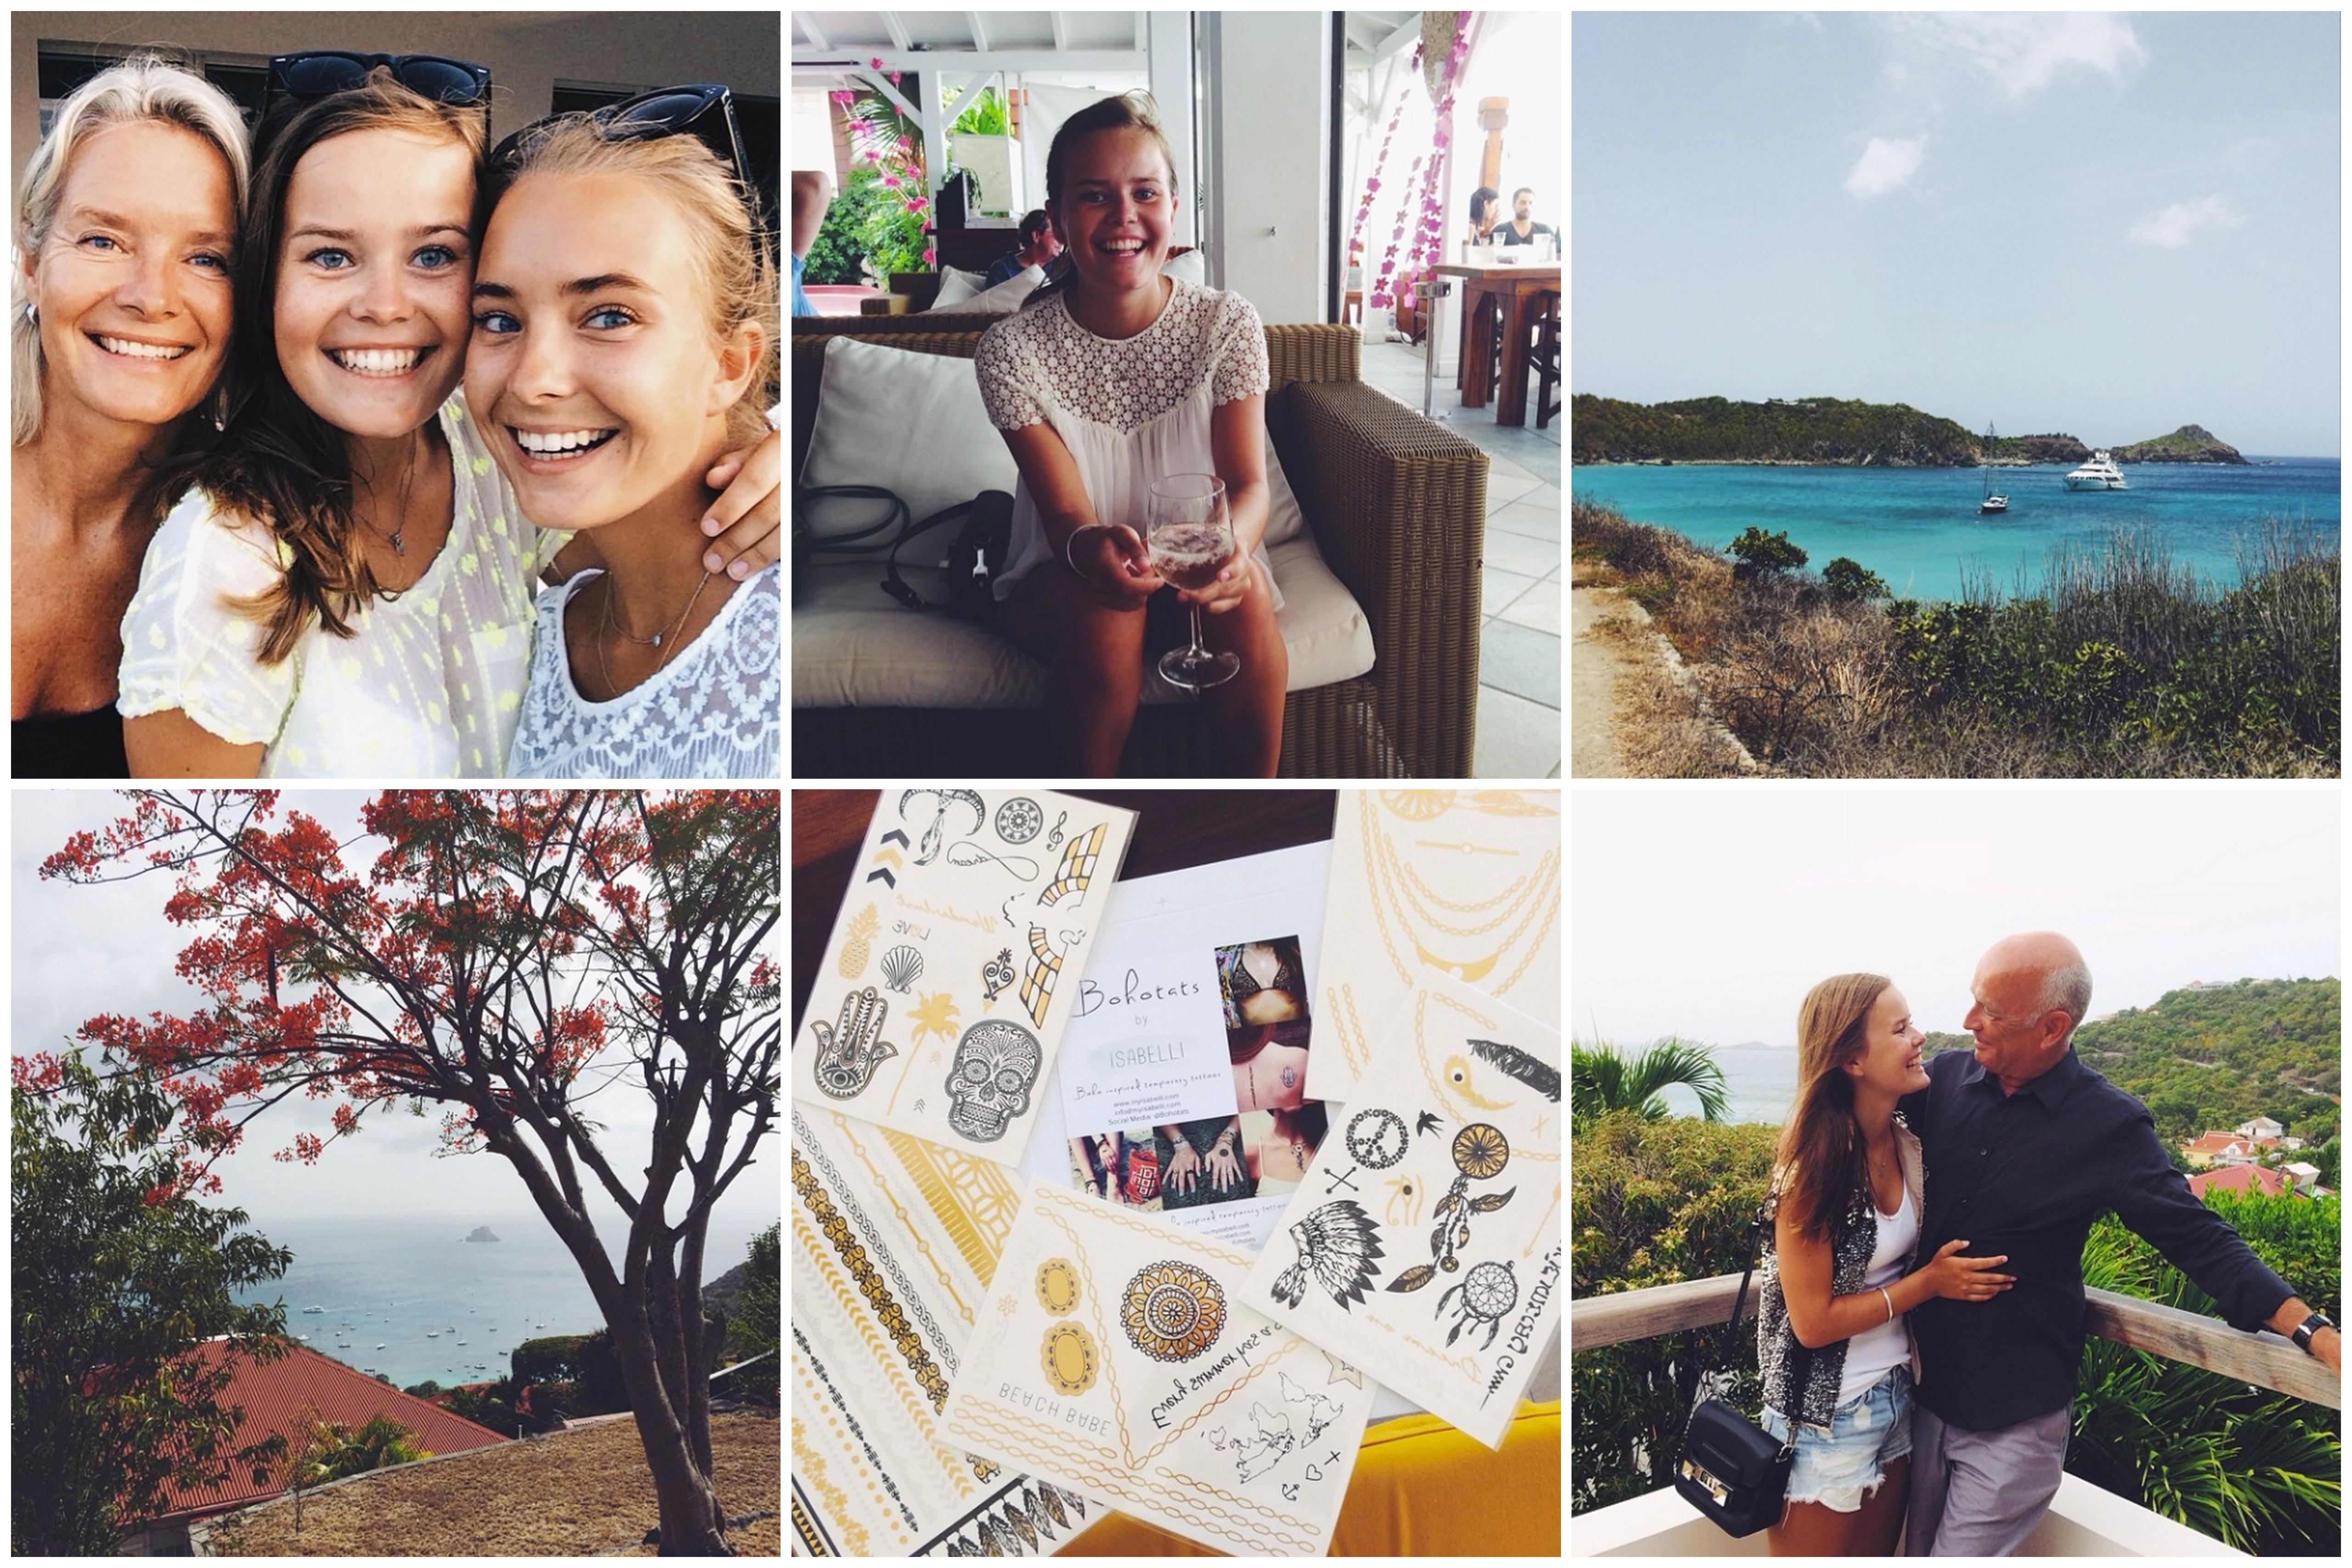 St Barths Saint-Barthélemy Nikki beach beachclub Colombier Beach harbor Bohotats travel lifestyle blog blogger